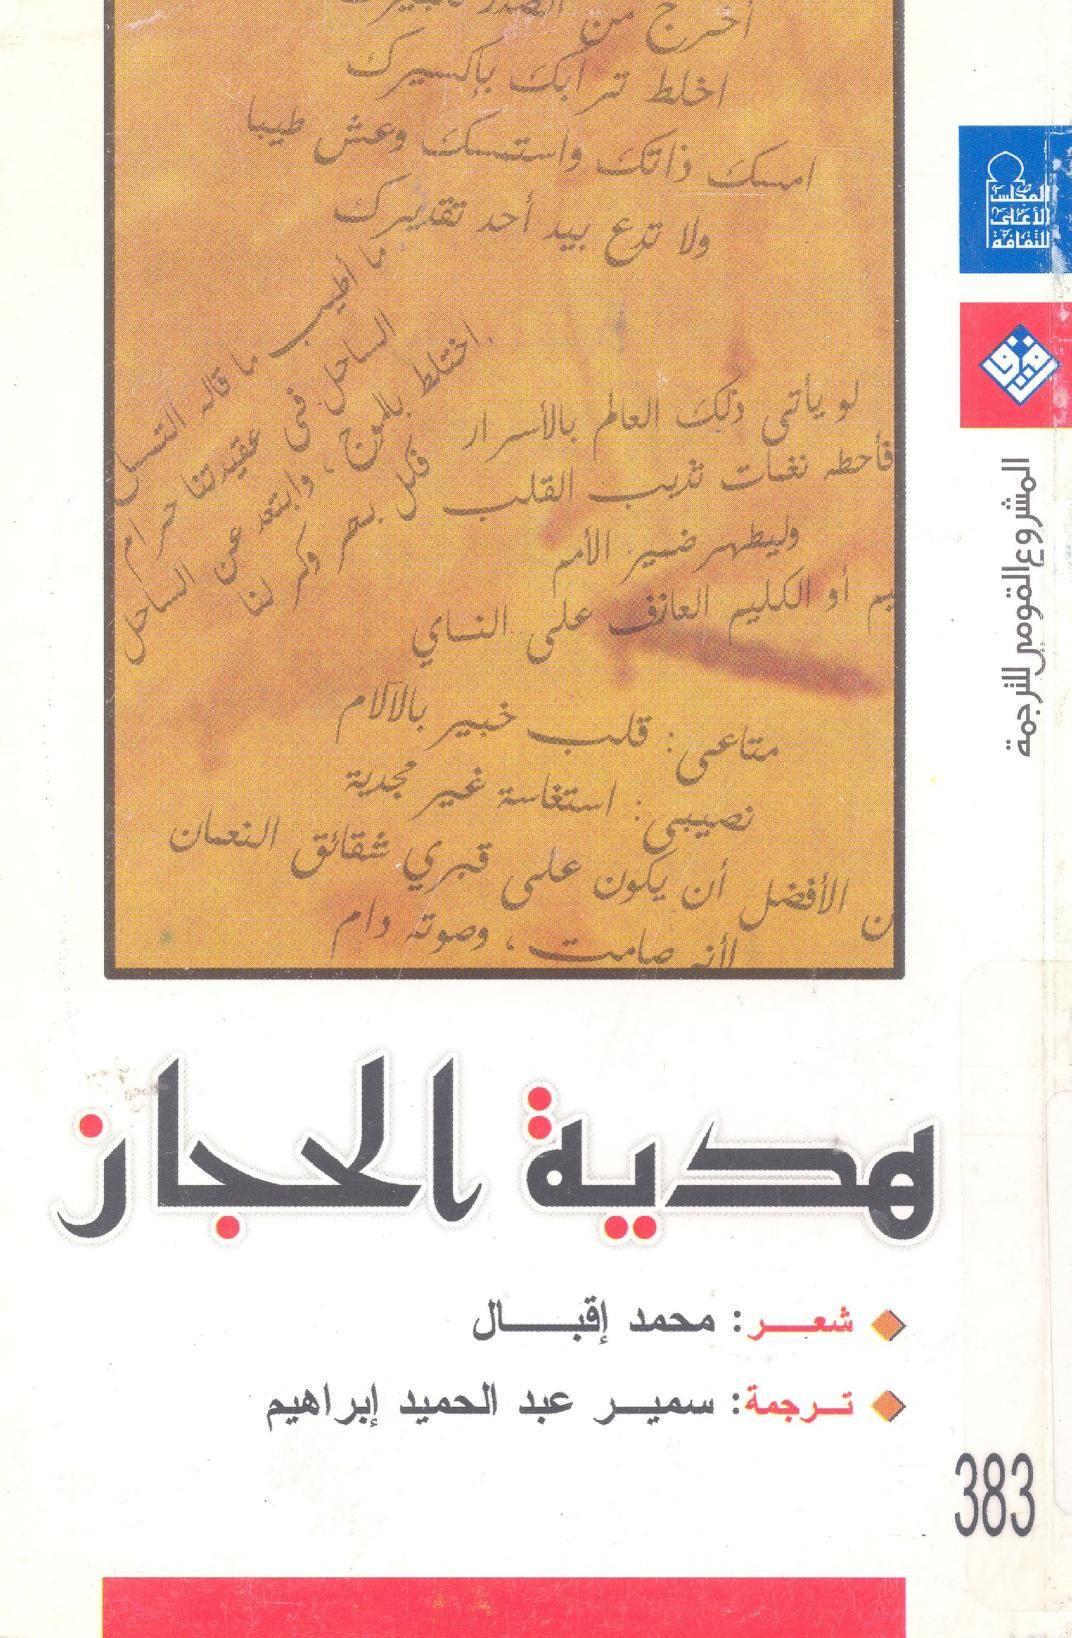 تحميل كتاب سيطرة التافهين pdf